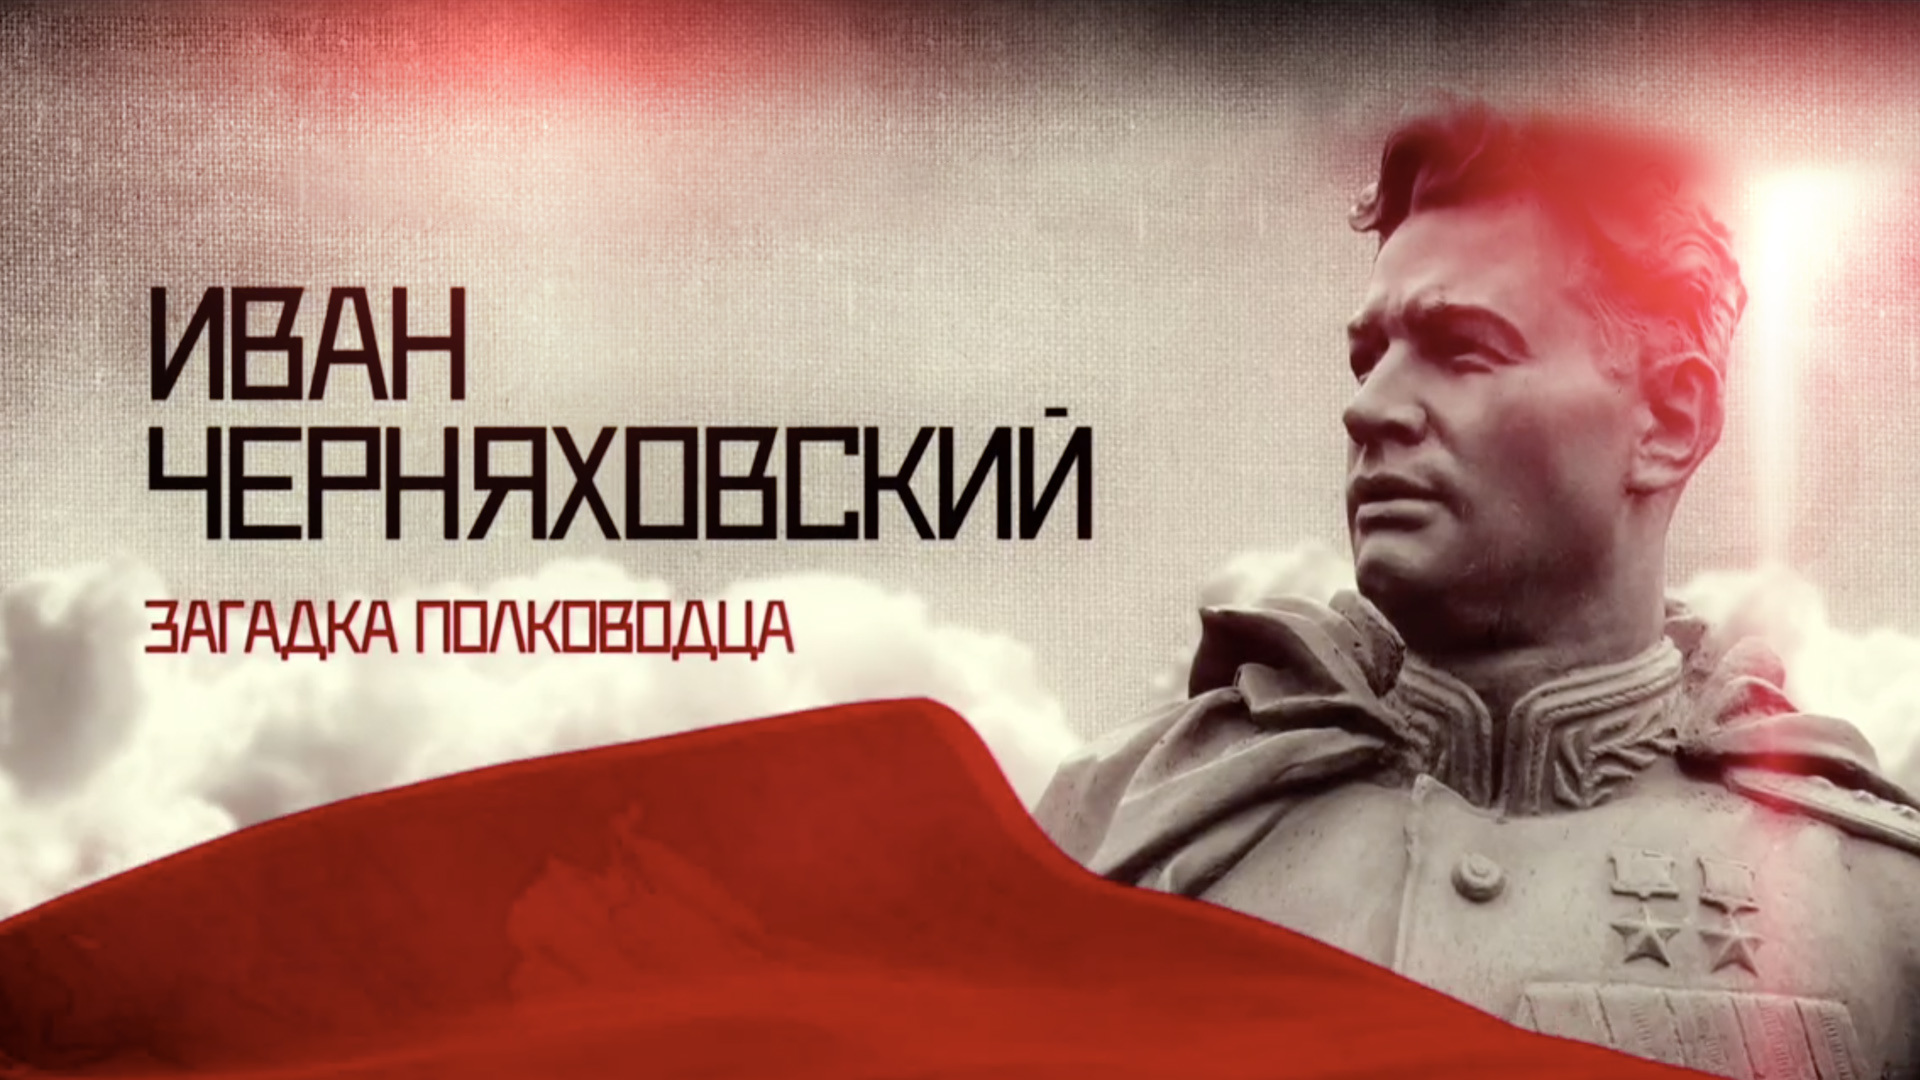 Иван Черняховский. Загадка полководца